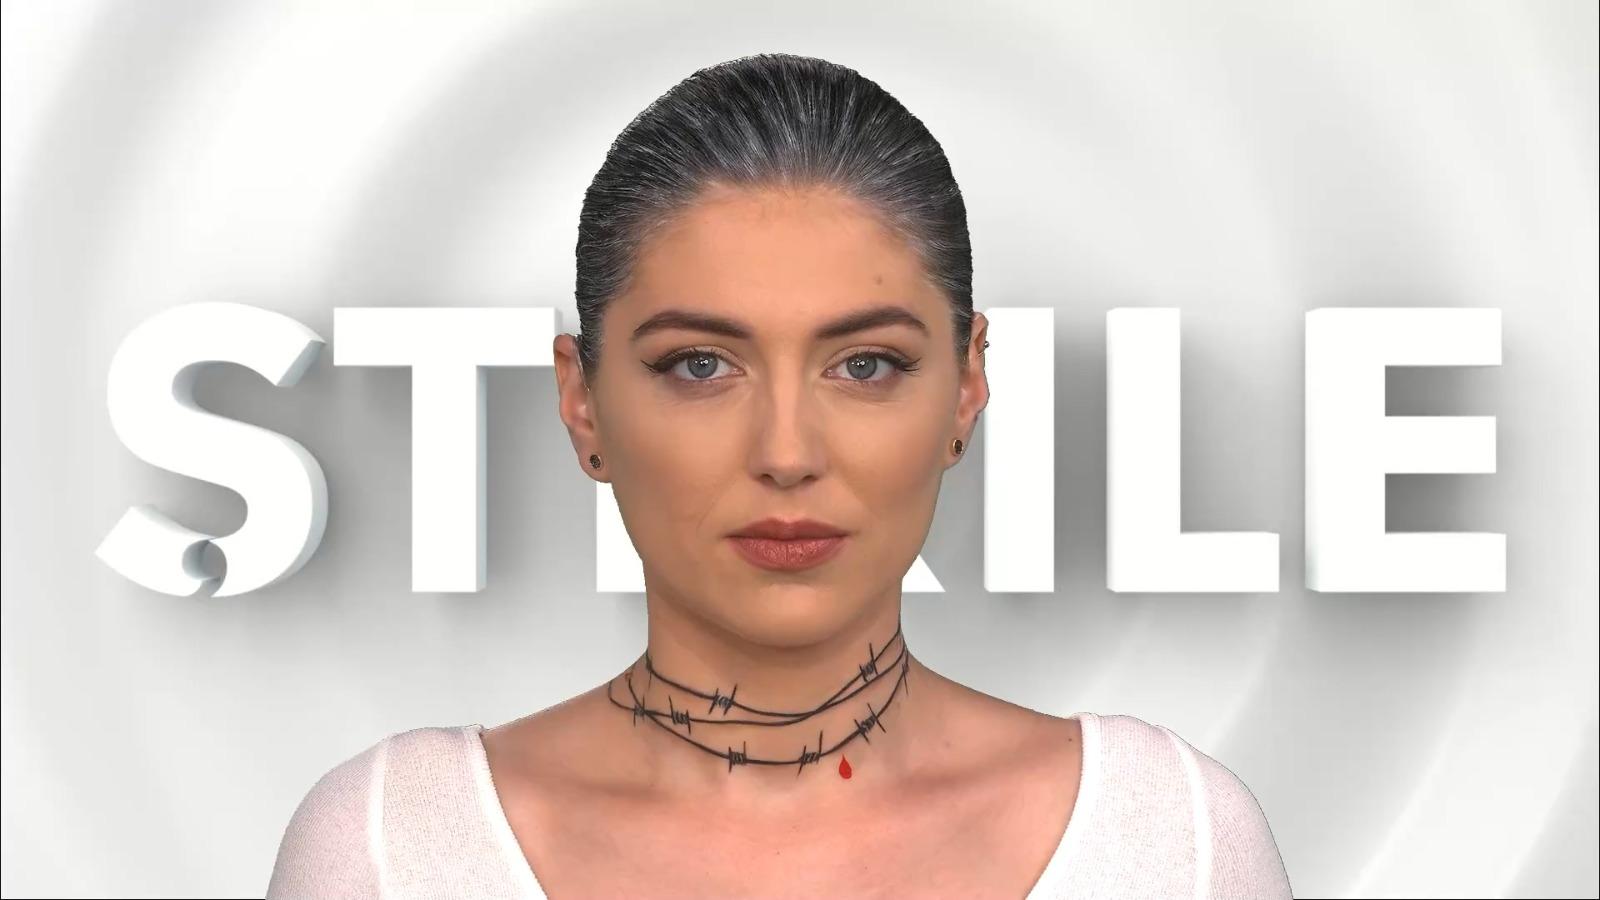 Știrile de la ora 11.00, prezentate de Raluca Maniță, 16 martie 2021